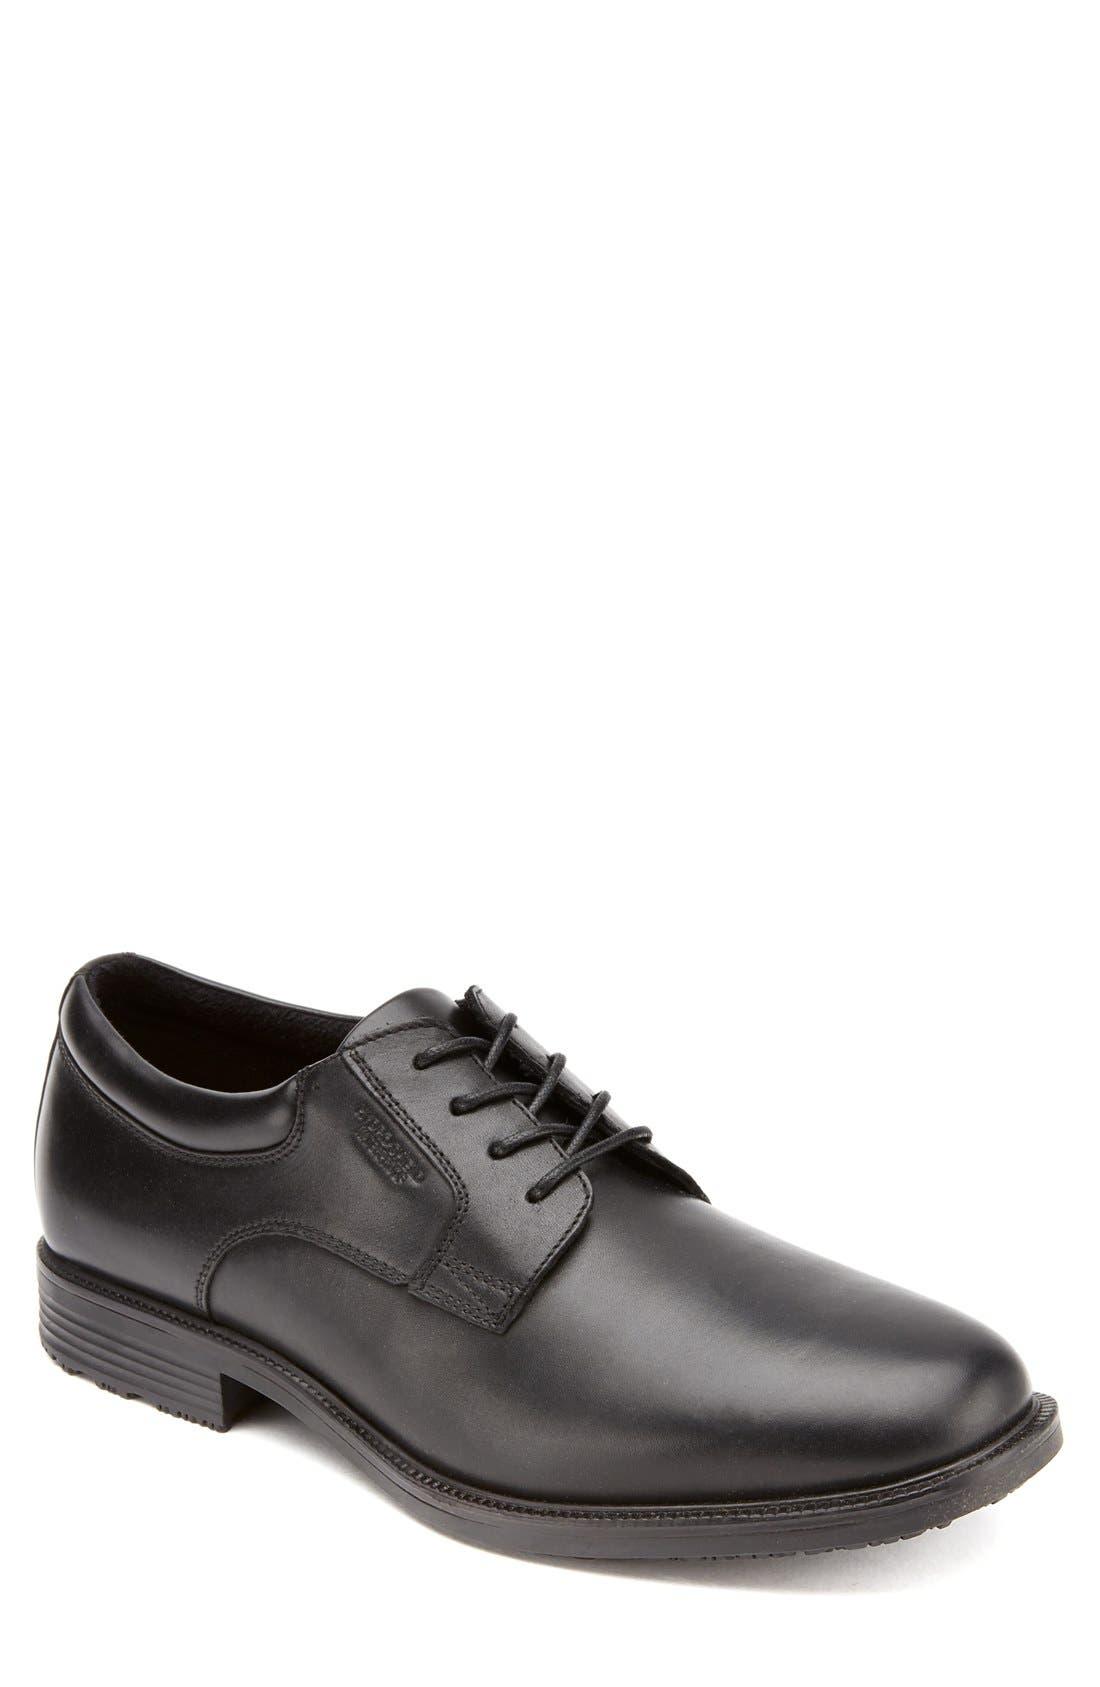 'Essential Details' Plain Toe Derby,                             Main thumbnail 1, color,                             BLACK